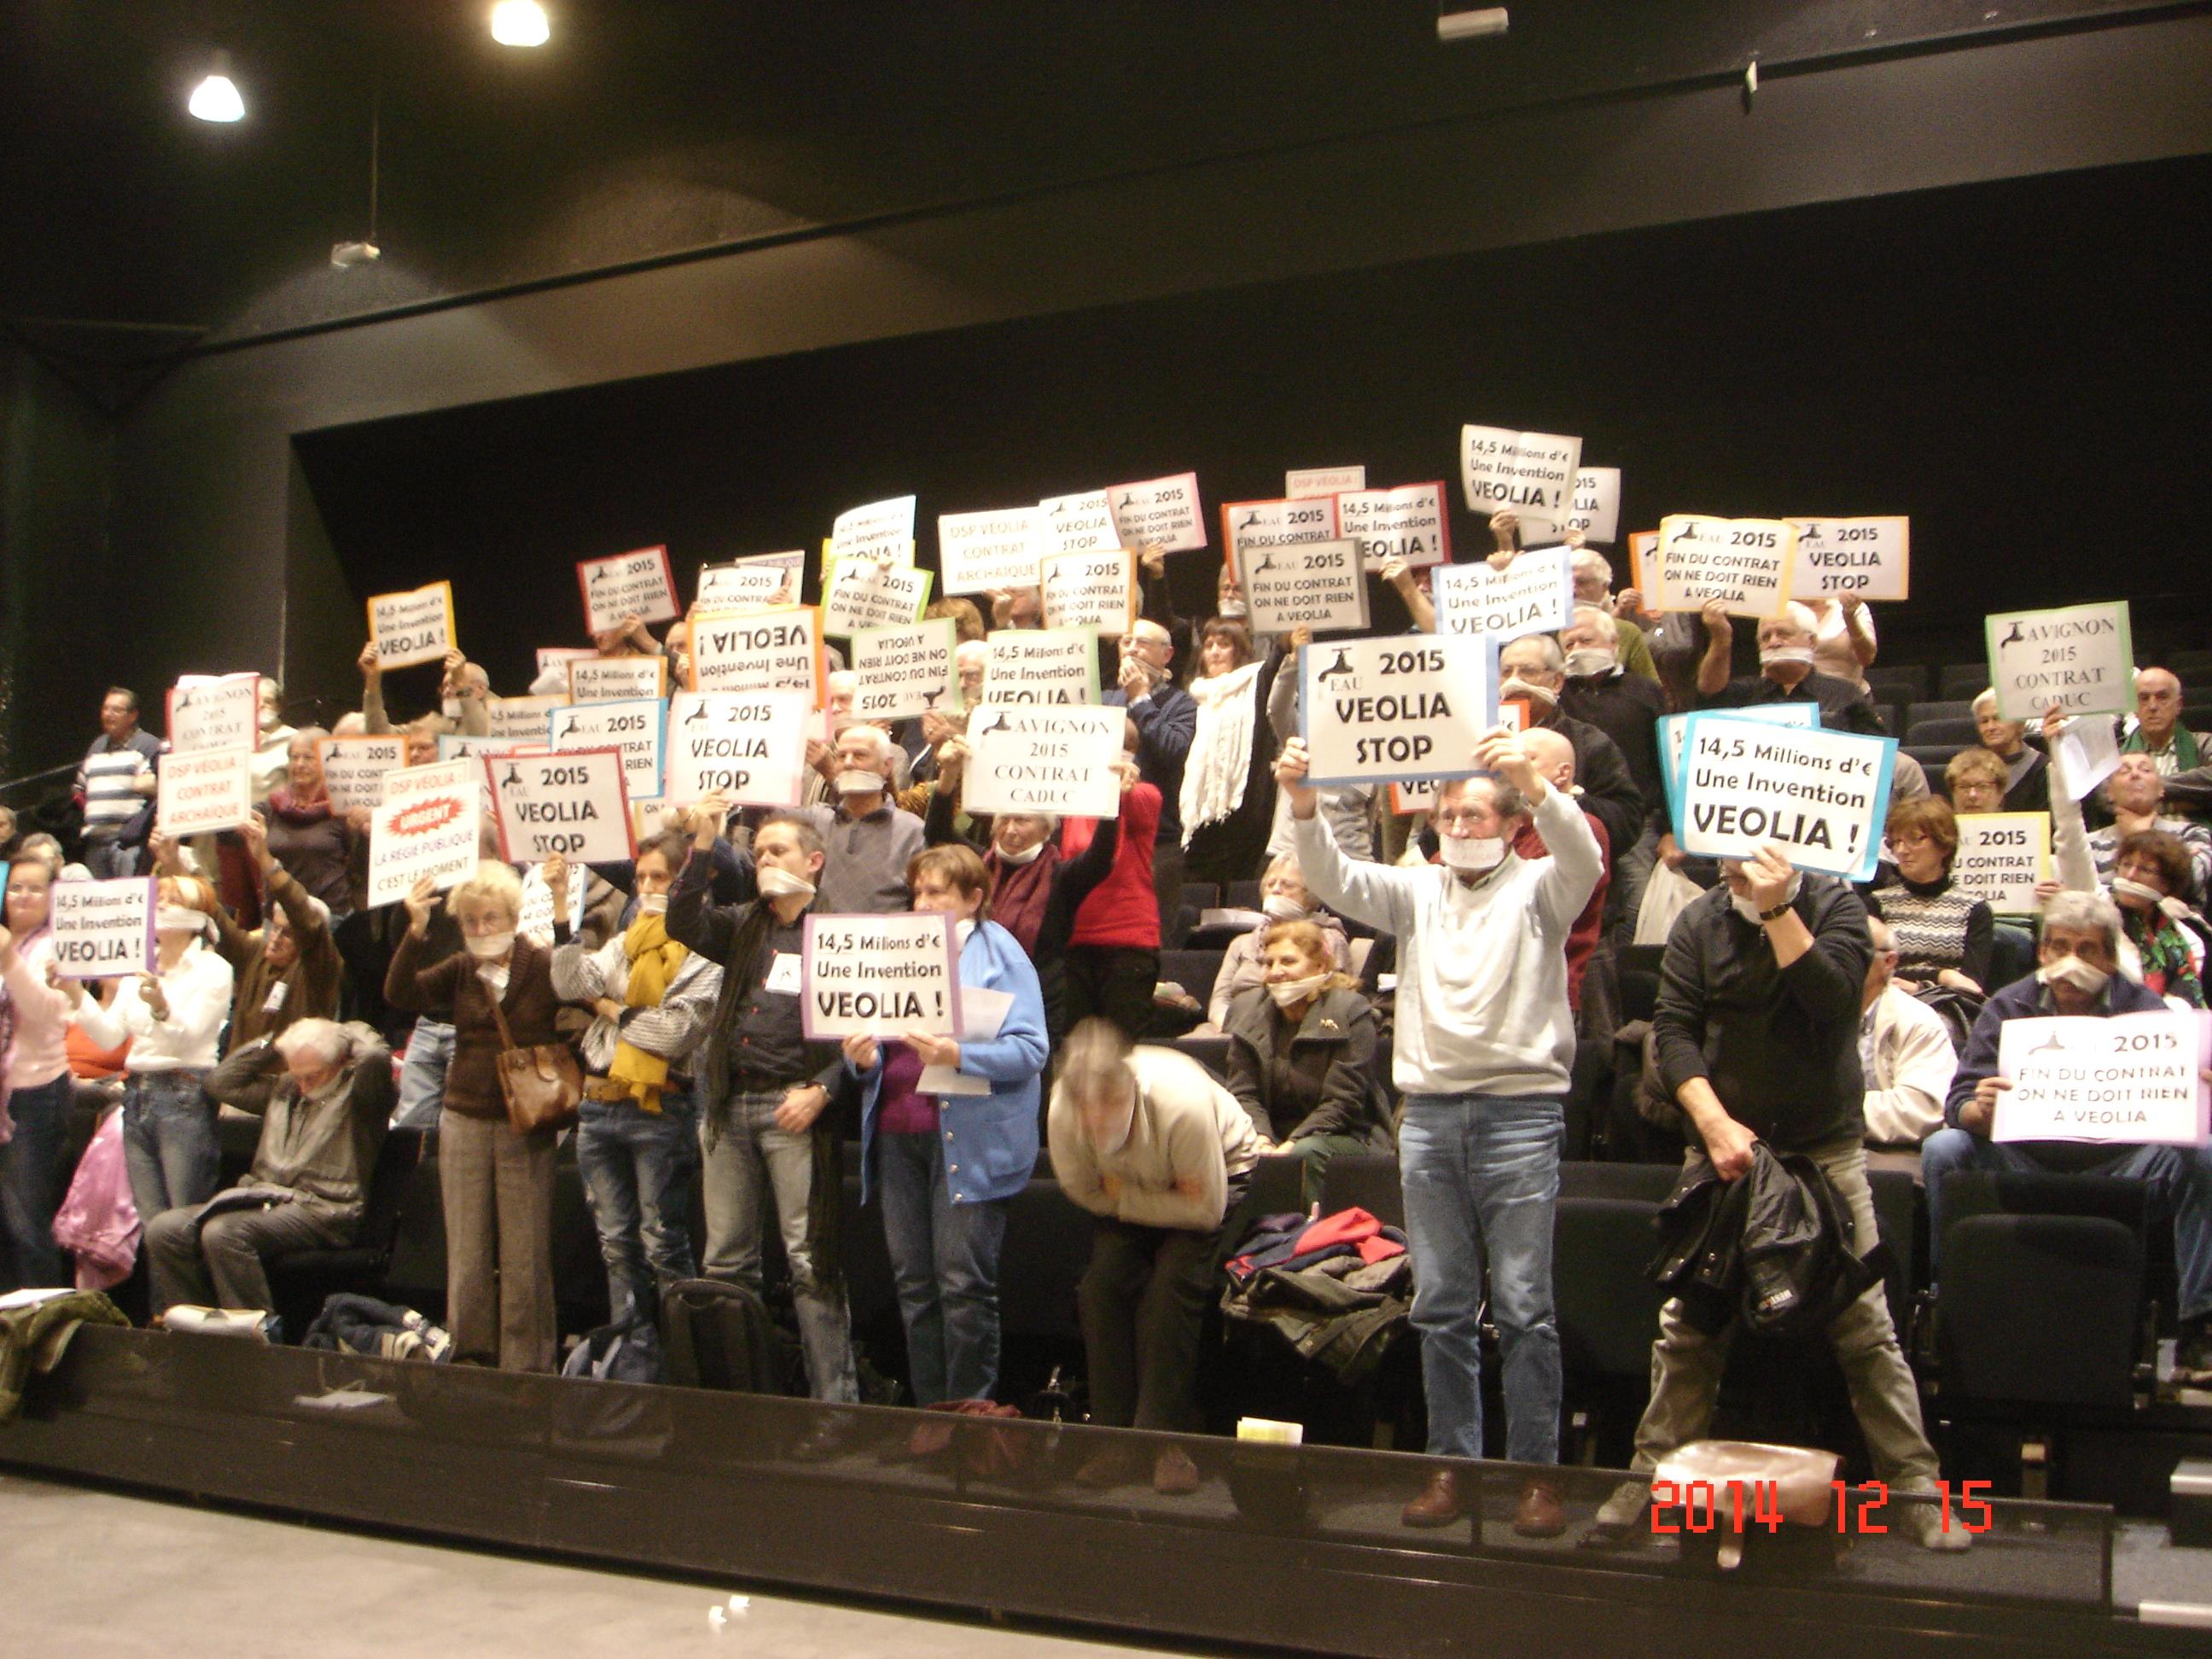 Marchons pour la Gestion Publique Marchons vers la Mairie Avignon samedi 31 janvier 10h :  LA PROLONGATION DU CONTRAT AVIGNON/VEOLIA DOIT ETRE ANNULEE